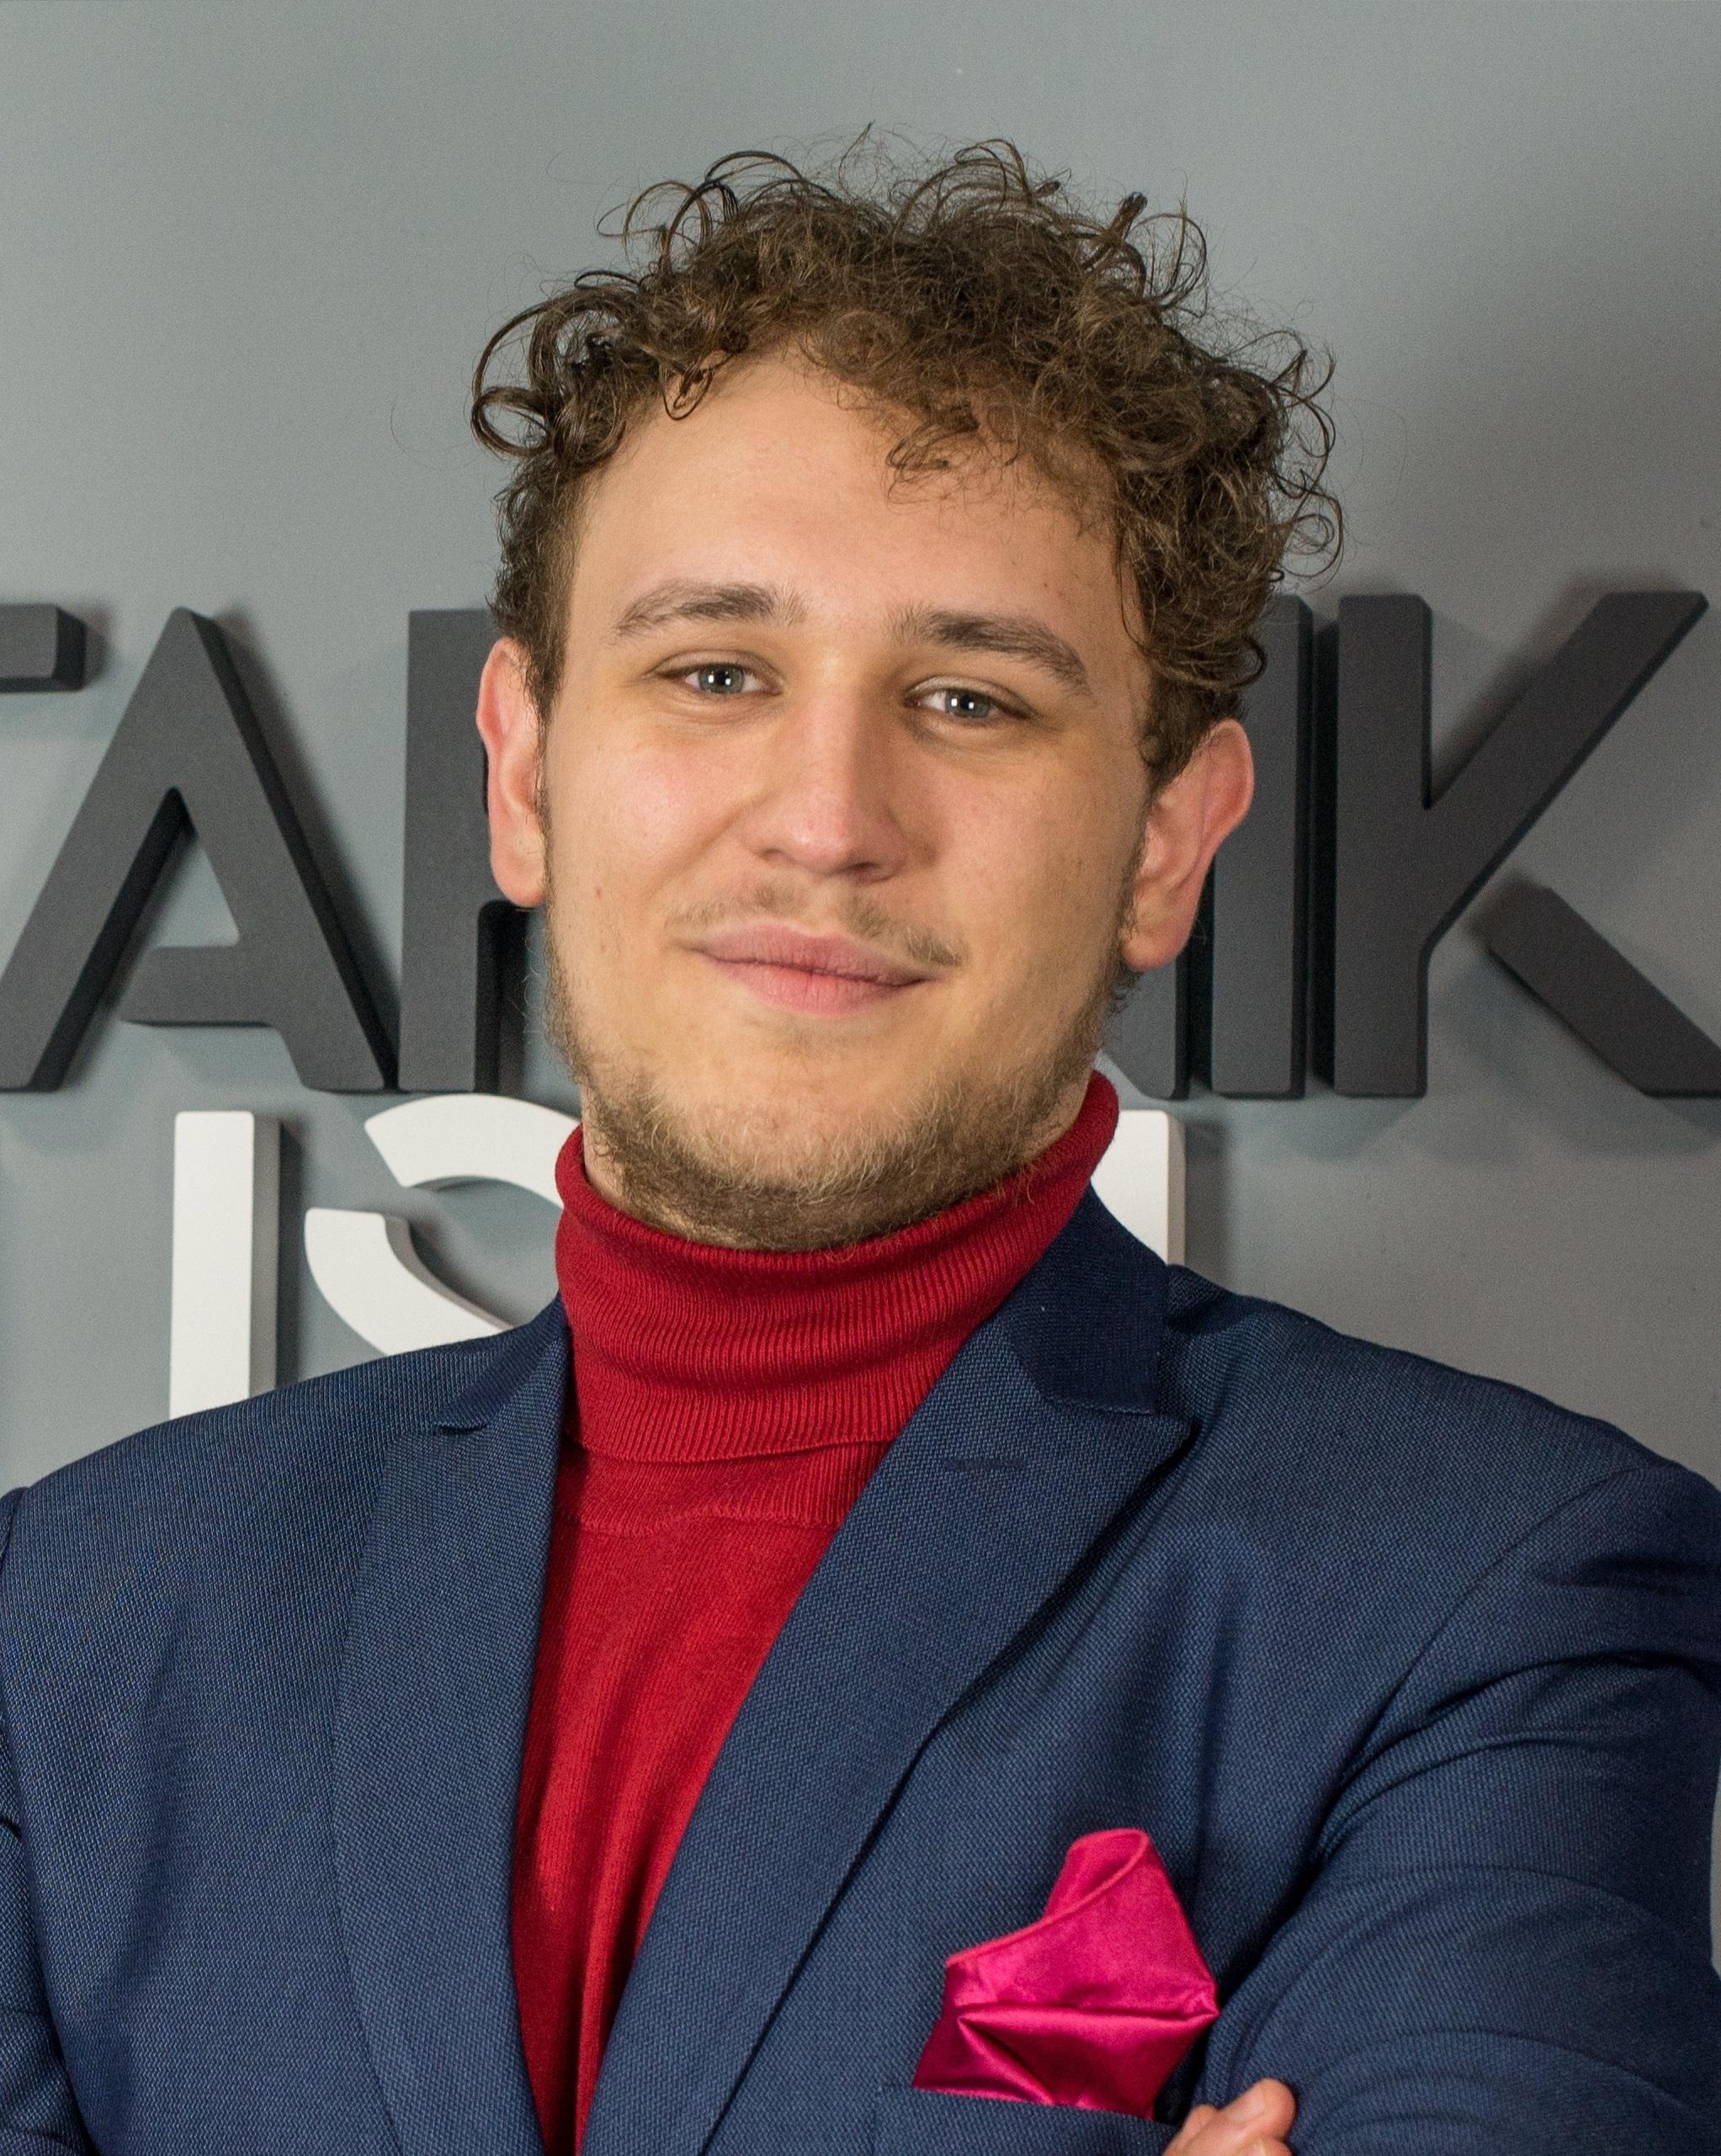 Kamil Ratajczyk